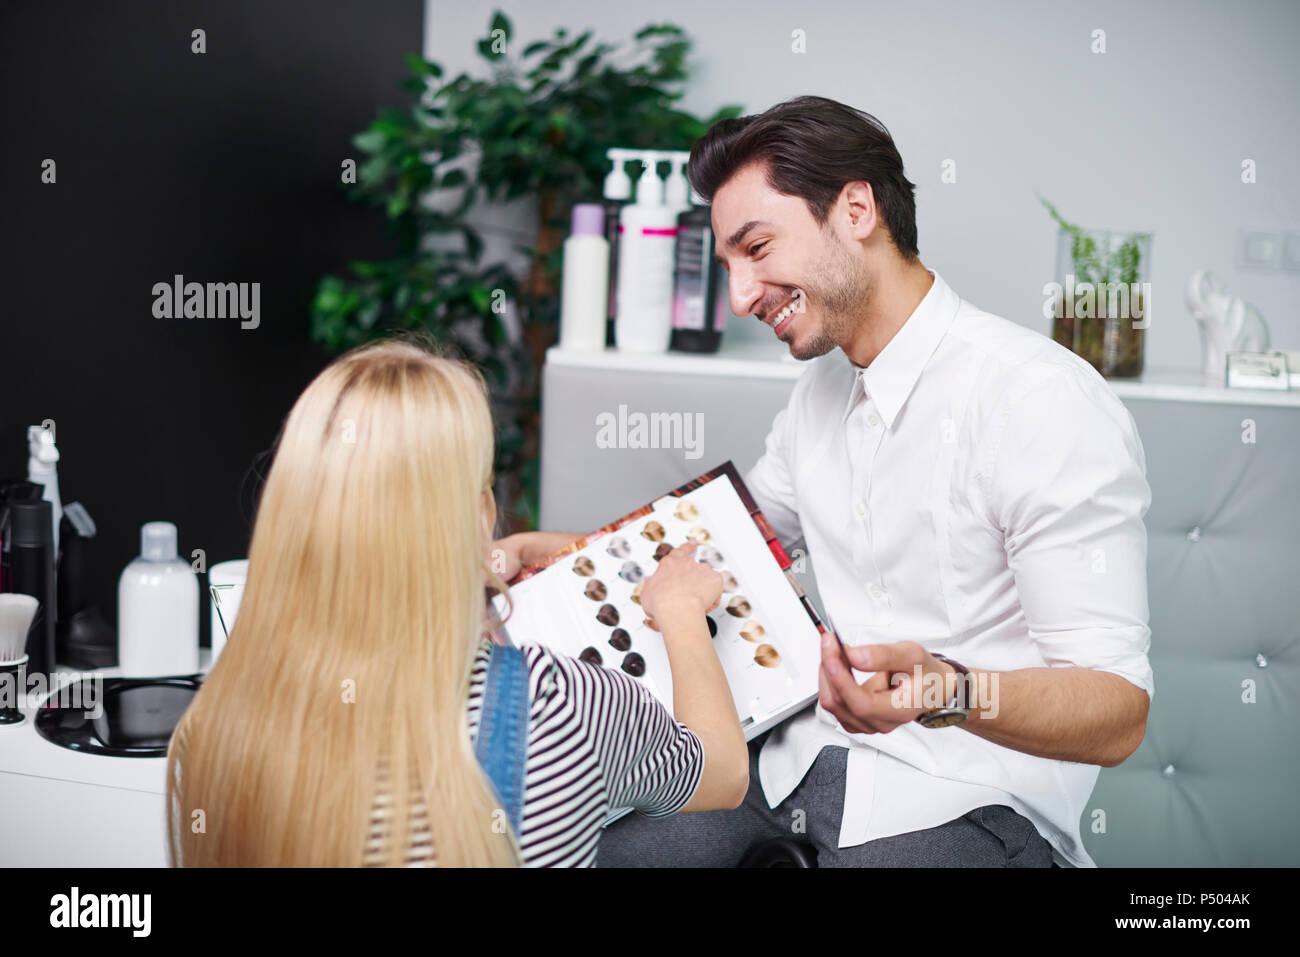 Woman Selecting Color Hair Dye Stock Photos Woman Selecting Color